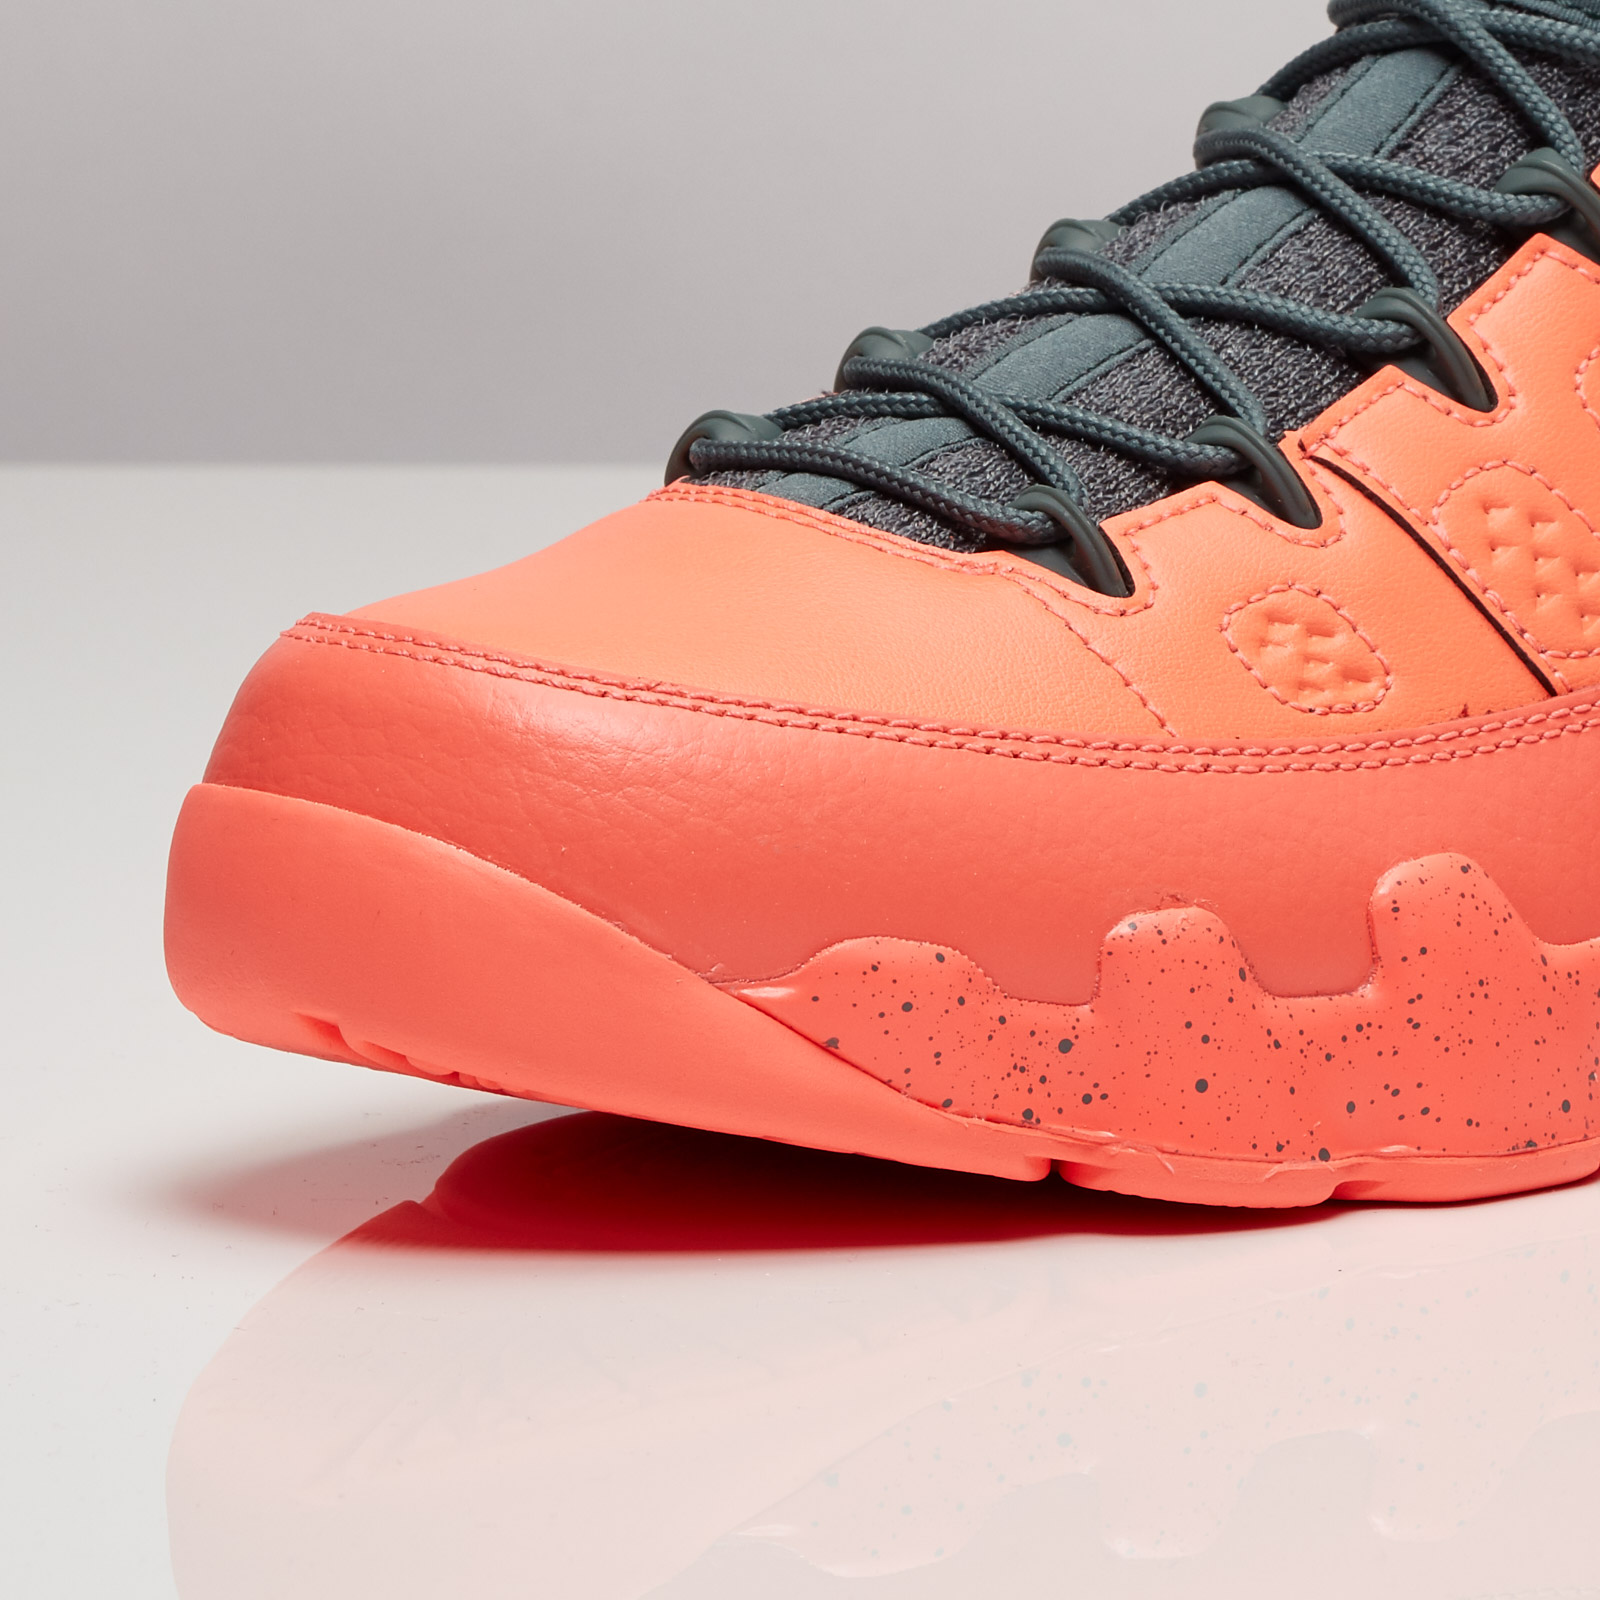 c5f4c495390637 Jordan Brand Air Jordan 9 Retro Low - 832822-805 - Sneakersnstuff ...